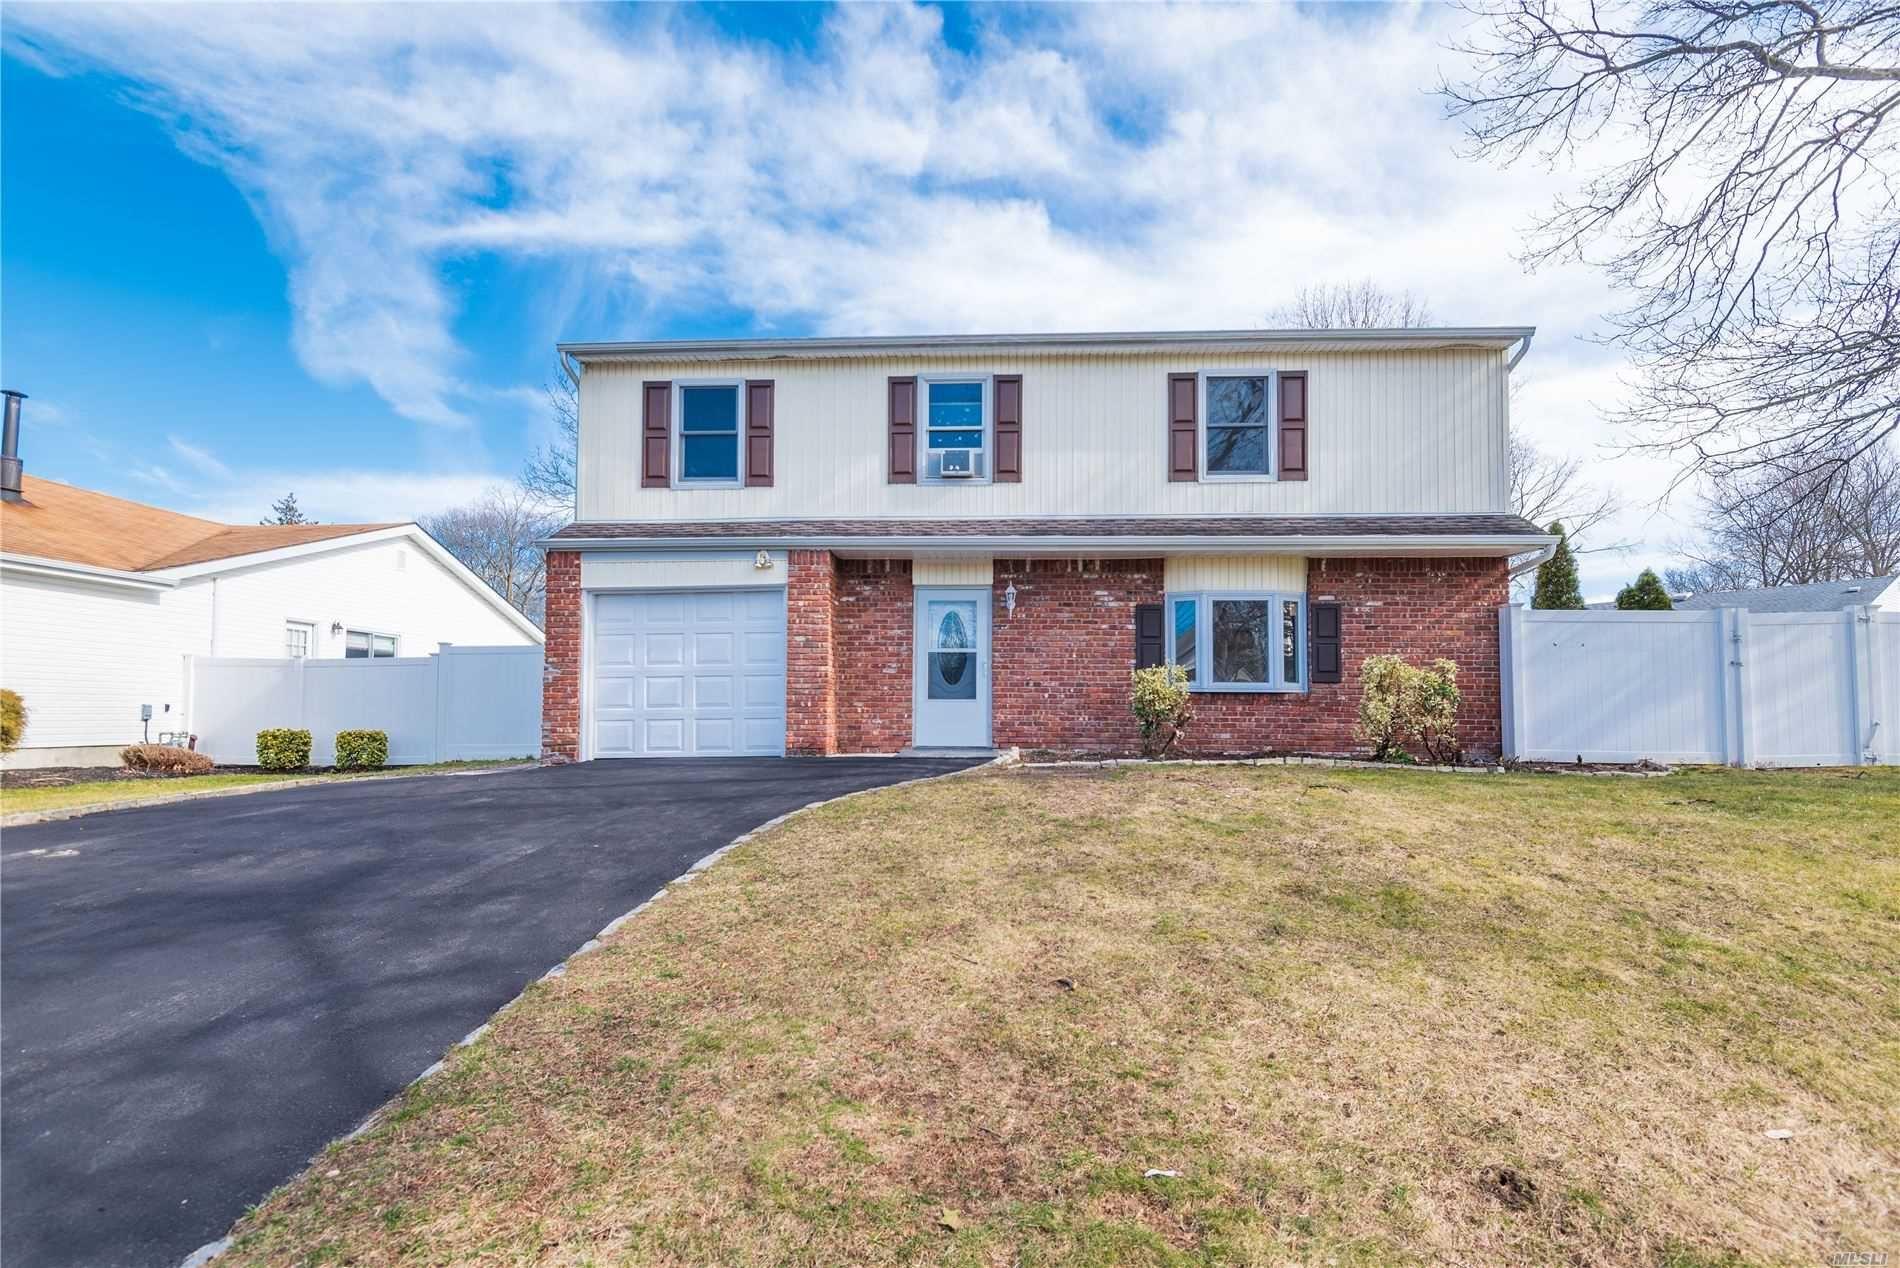 22 Maison Drive, Holbrook, NY 11741 - MLS#: 3206549